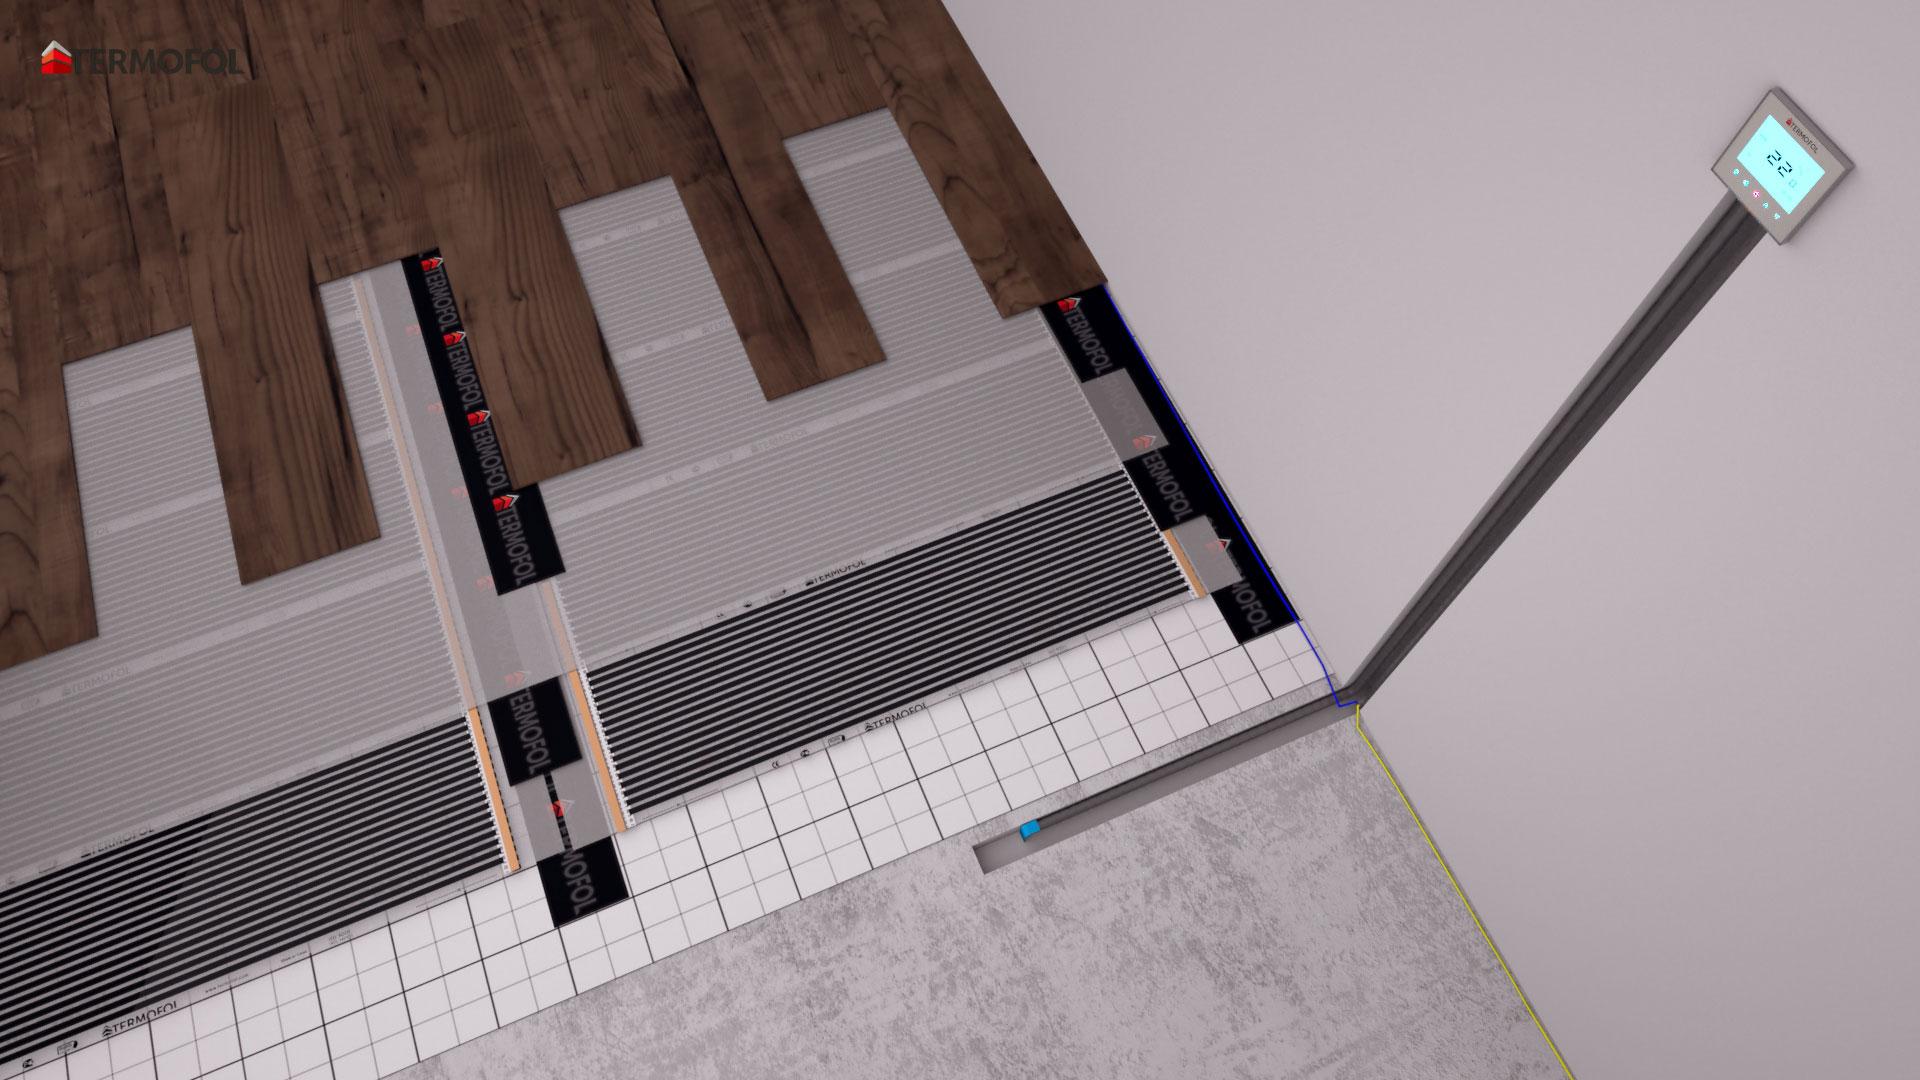 https://sunbraks.pl/wp-content/uploads/2021/04/Ceramic-tiles.jpg